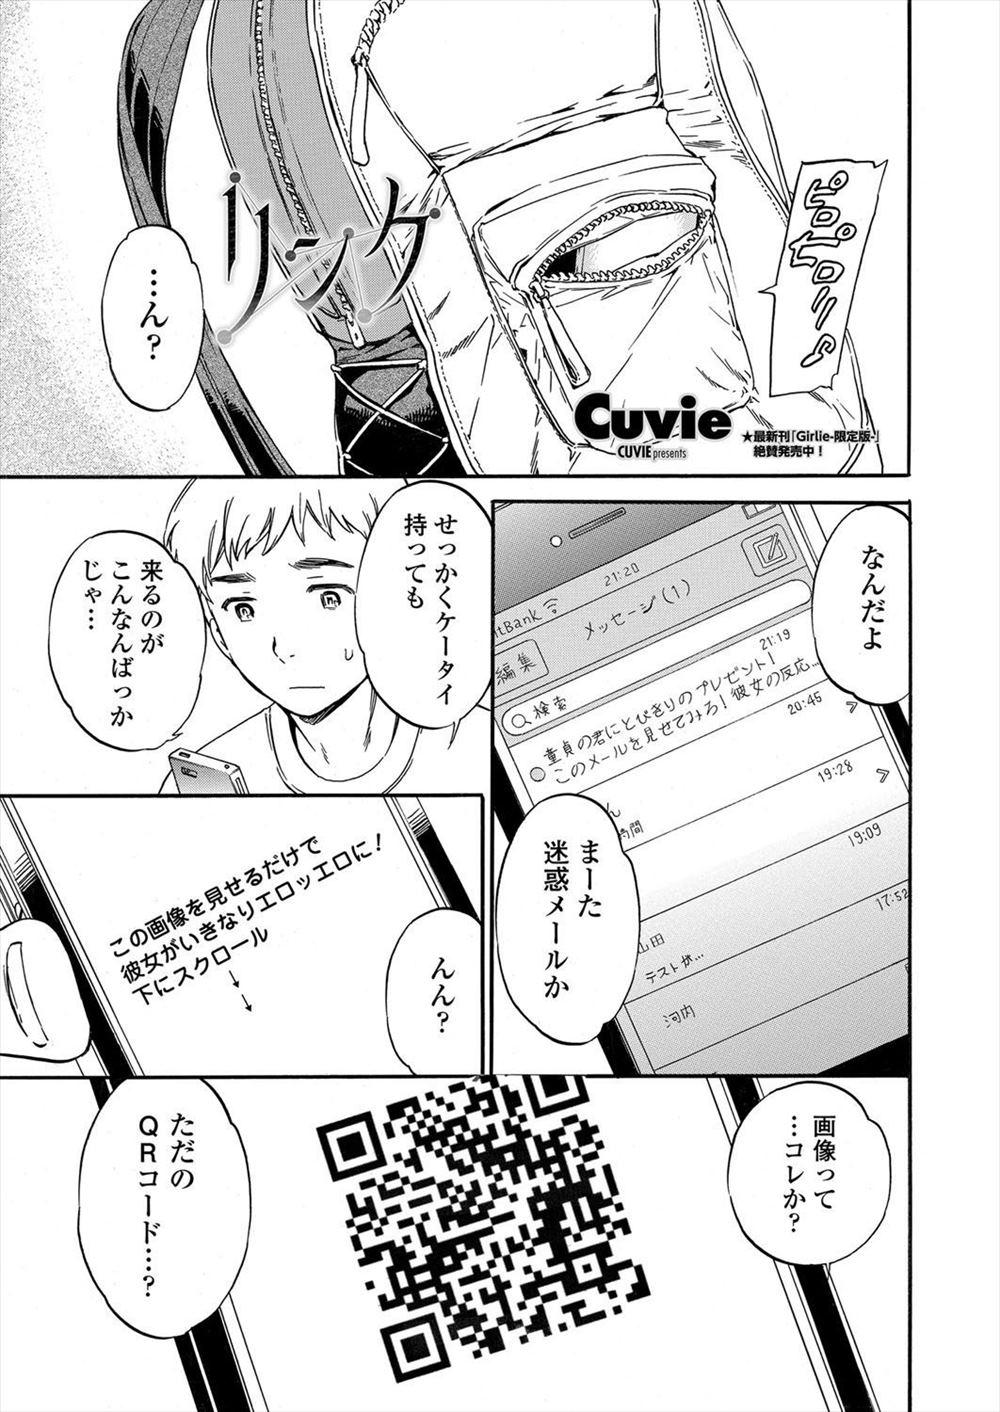 【エロ漫画】(1/2話)QRコード見せたらJKが淫乱ビッチに…発情したJKに押し倒されて生挿入中出しできたけど…!?【Cuvie: リンク】